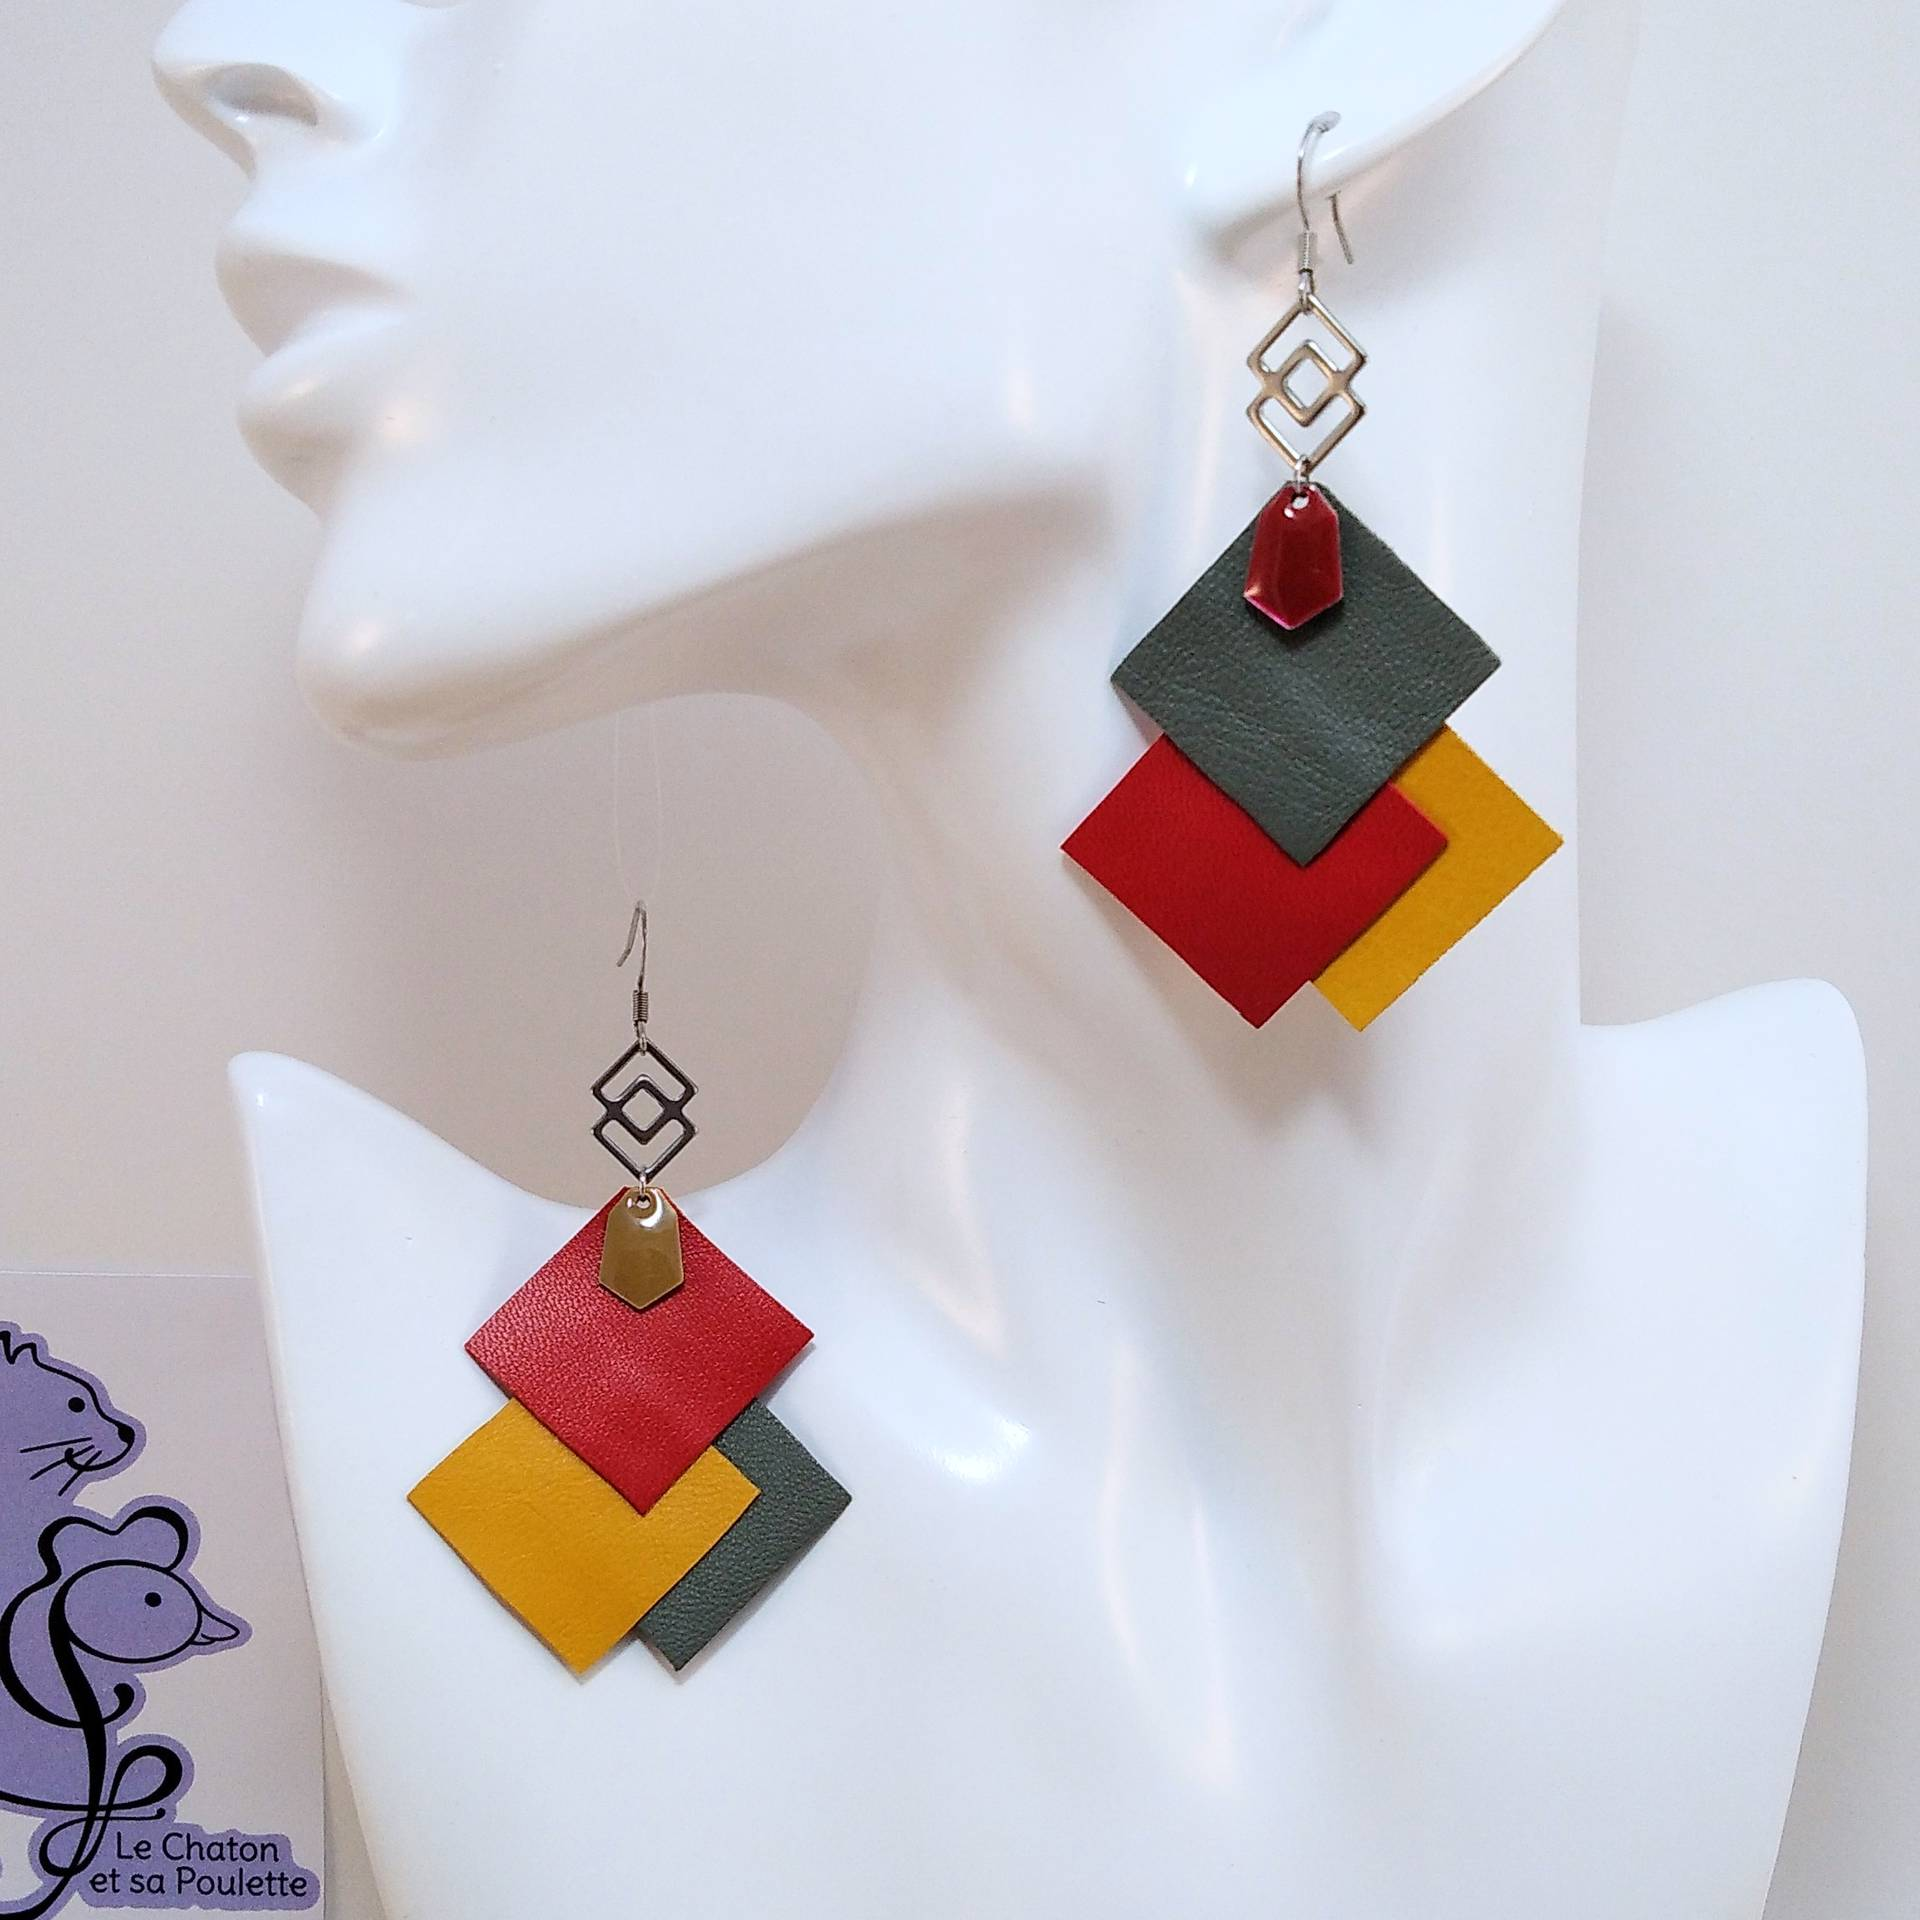 B.O. FORMIDABLE modèle 6 Cuirs gris/rouge/ocre, breloque inox carrés entrelacés et diamant rouge ou taupe